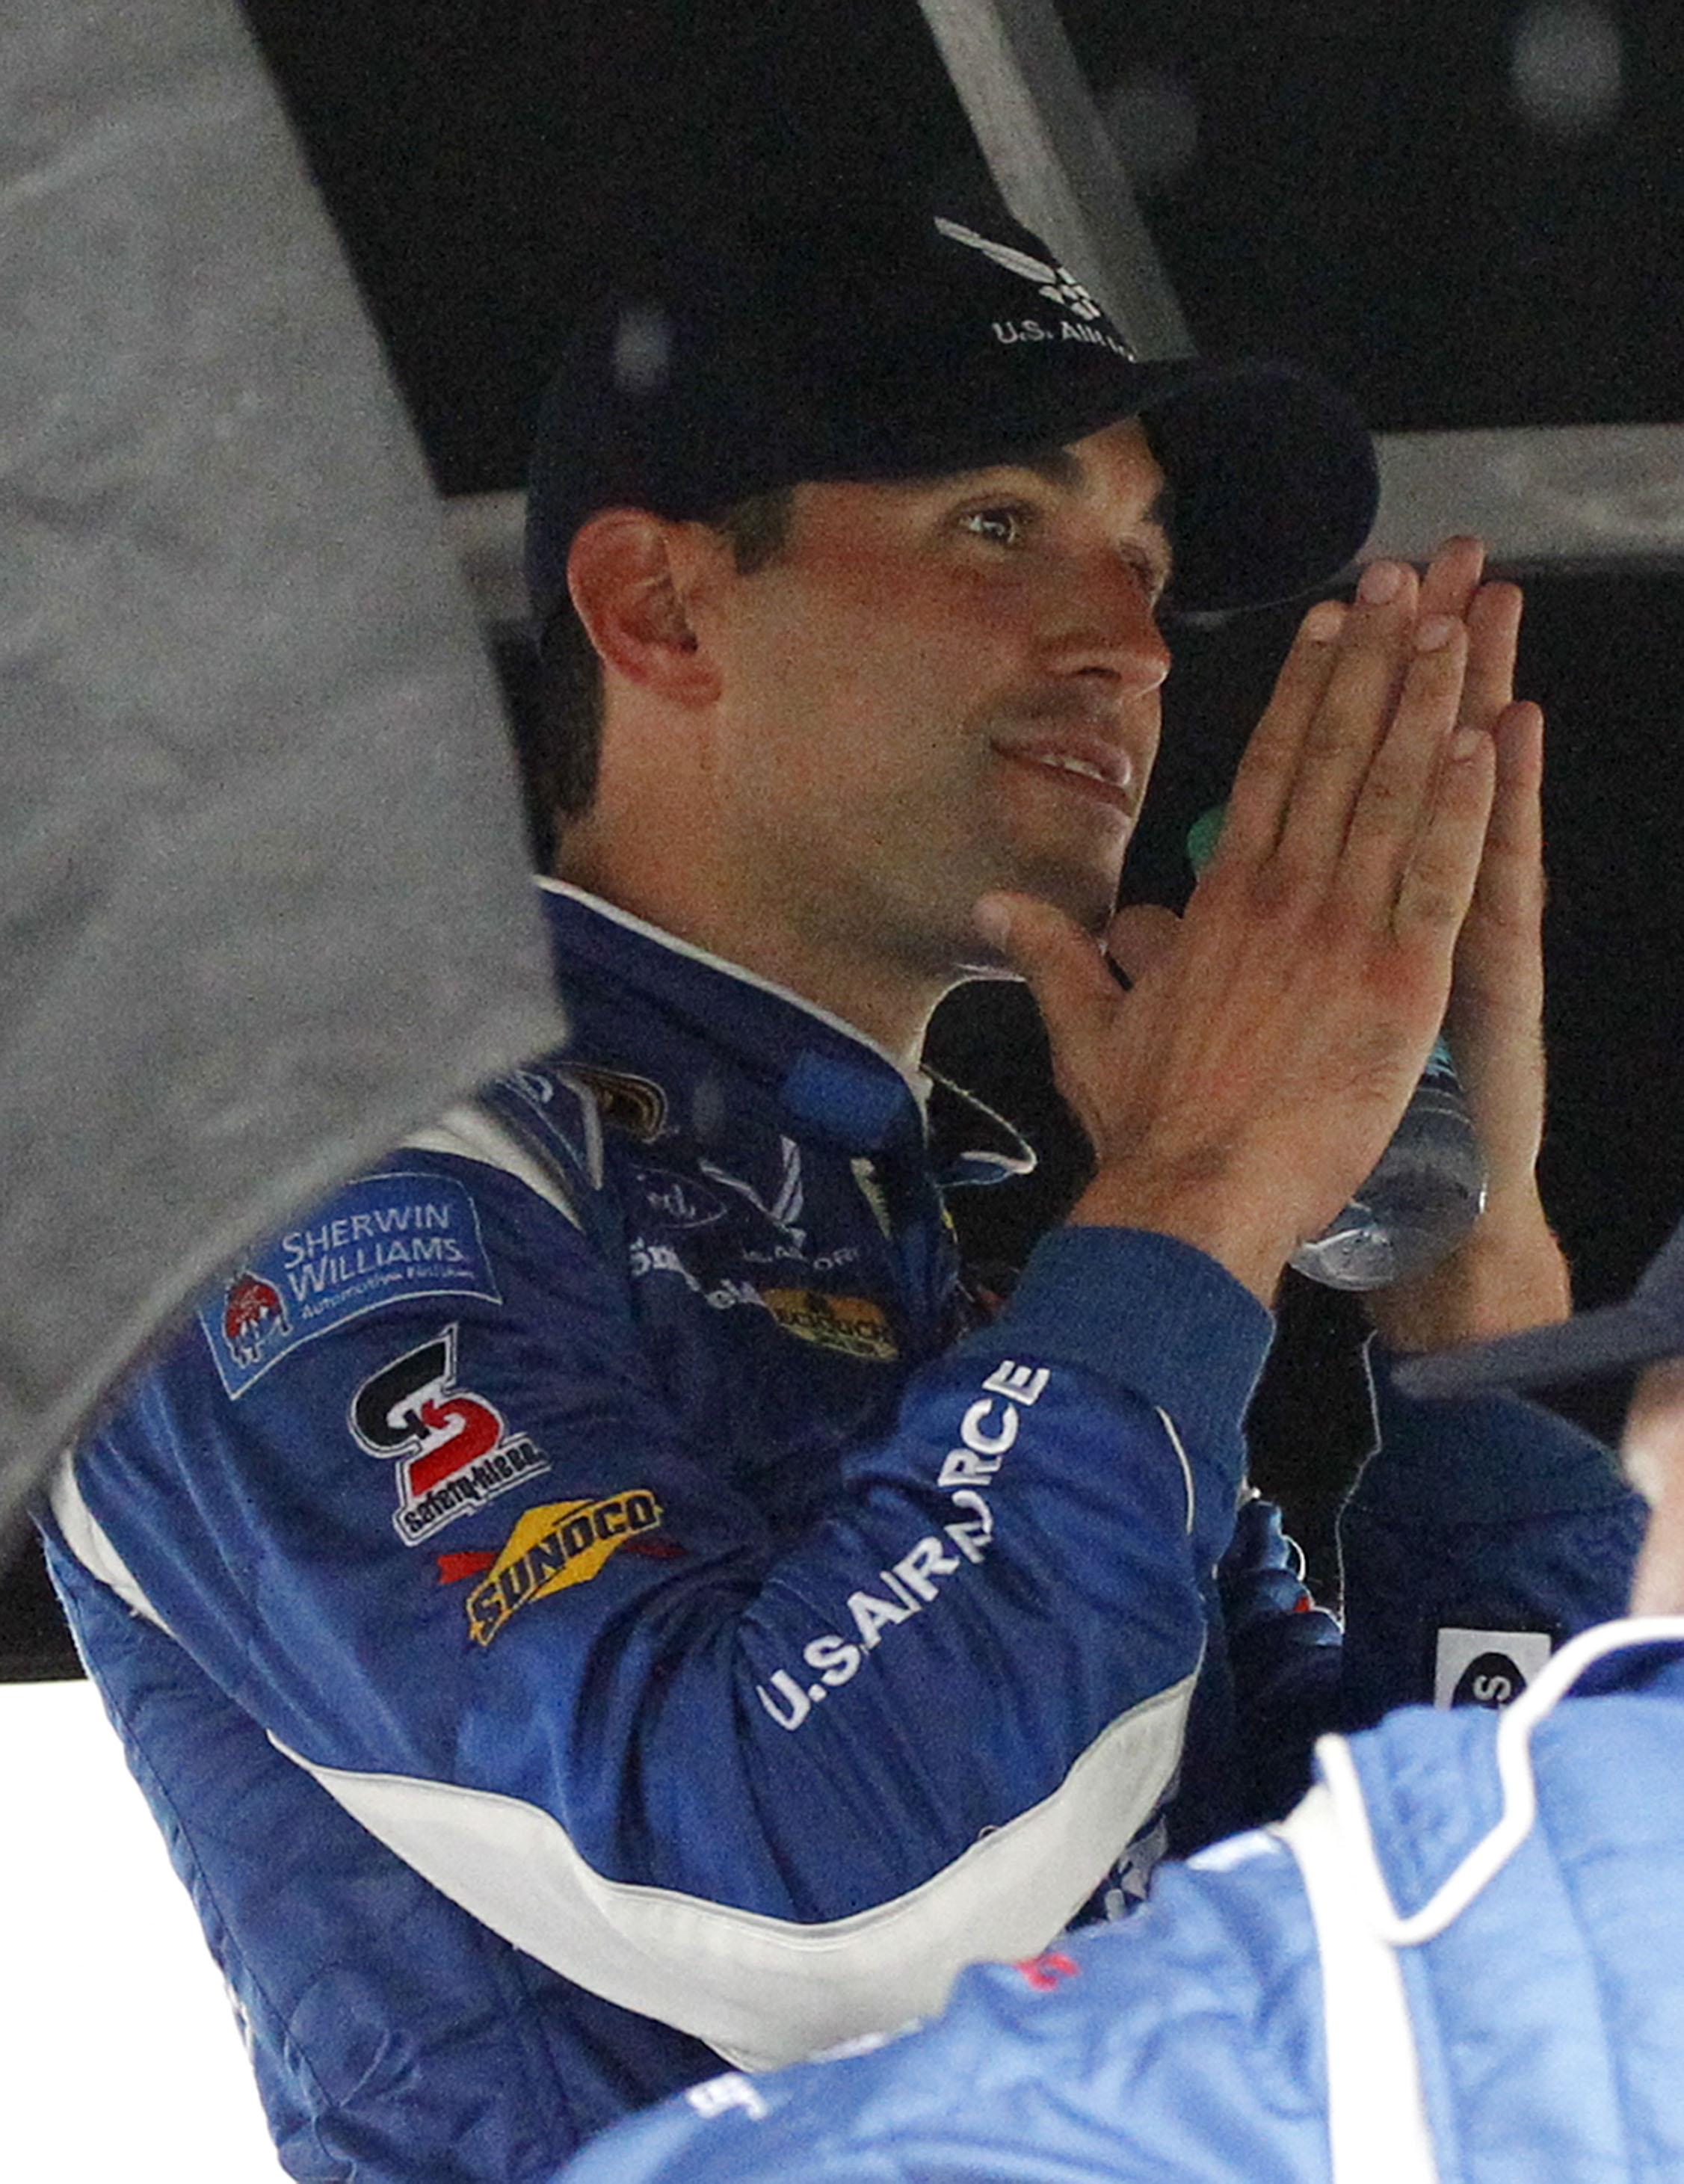 NASCAR made right call to pull plug at Daytona